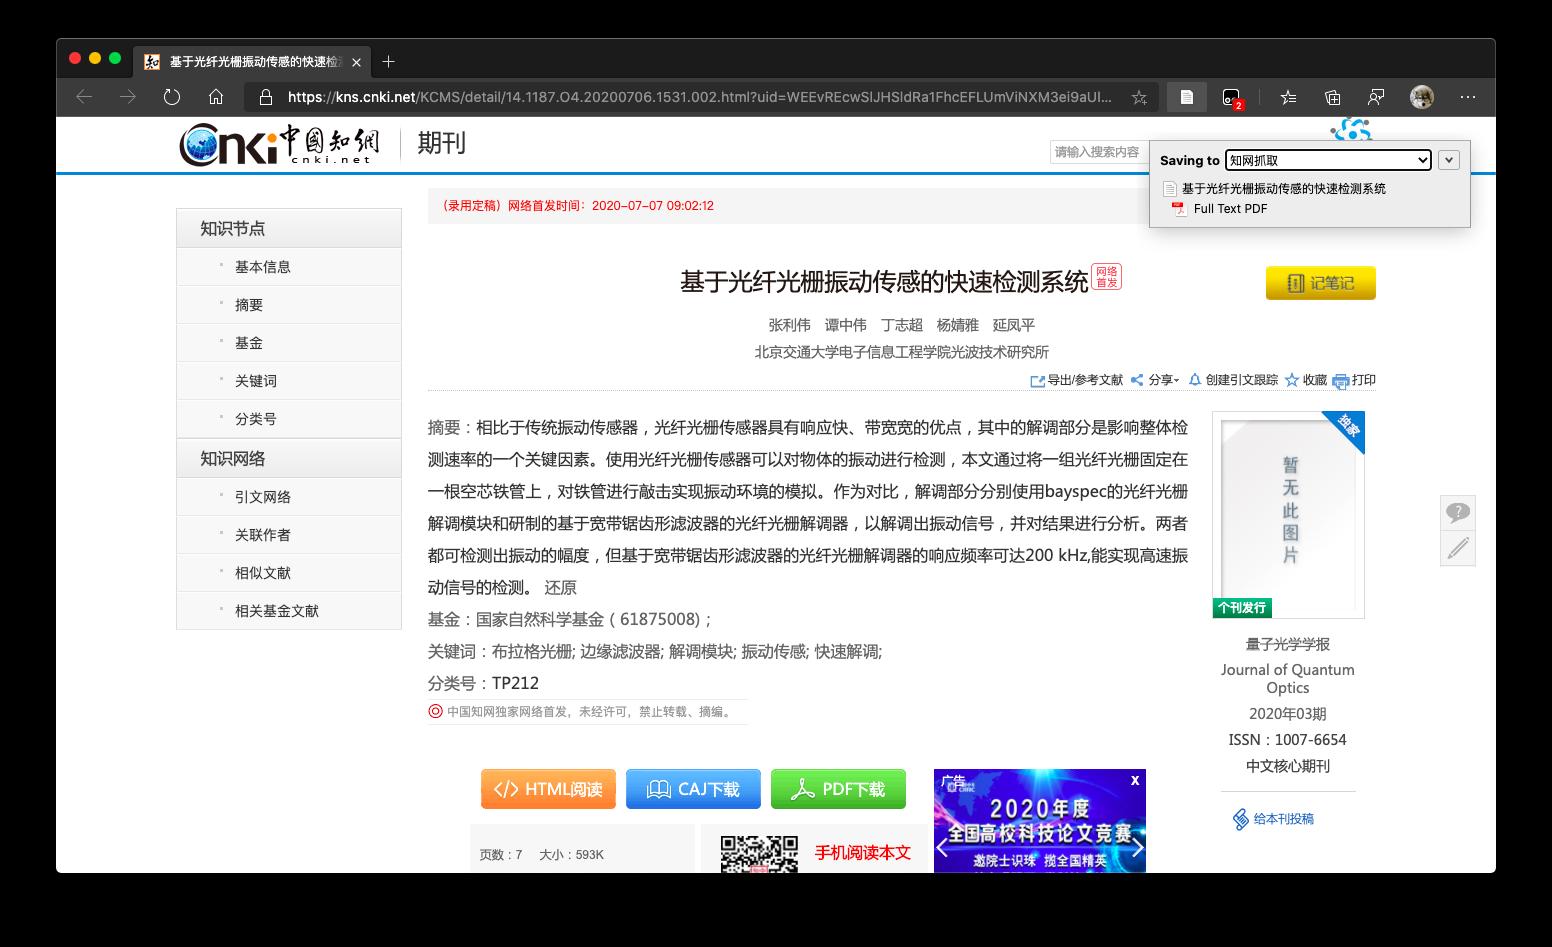 单篇文献页面能够抓取PDF